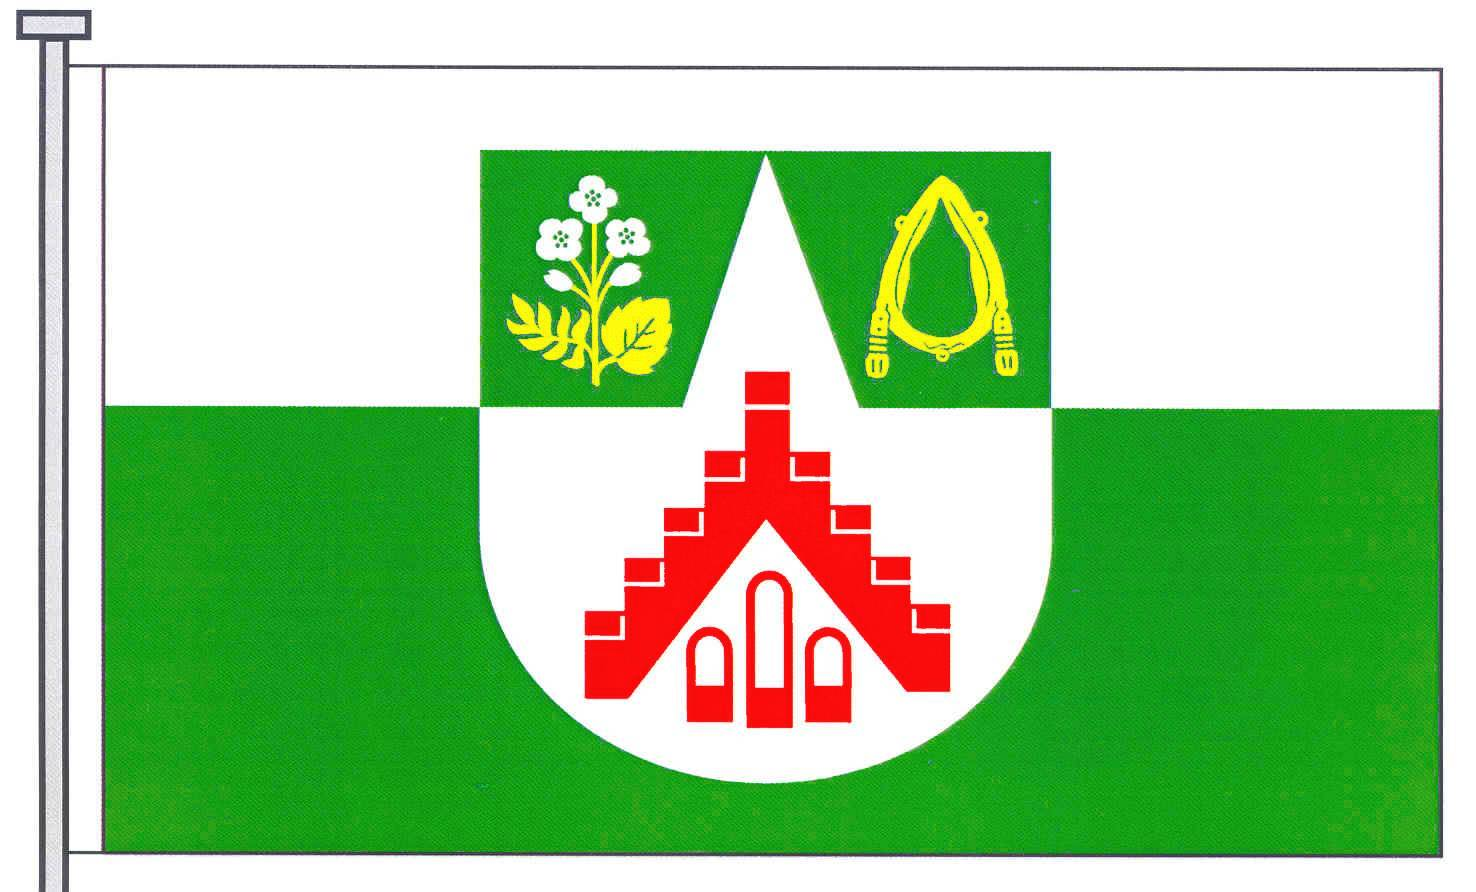 Flagge GemeindeTodesfelde, Kreis Segeberg